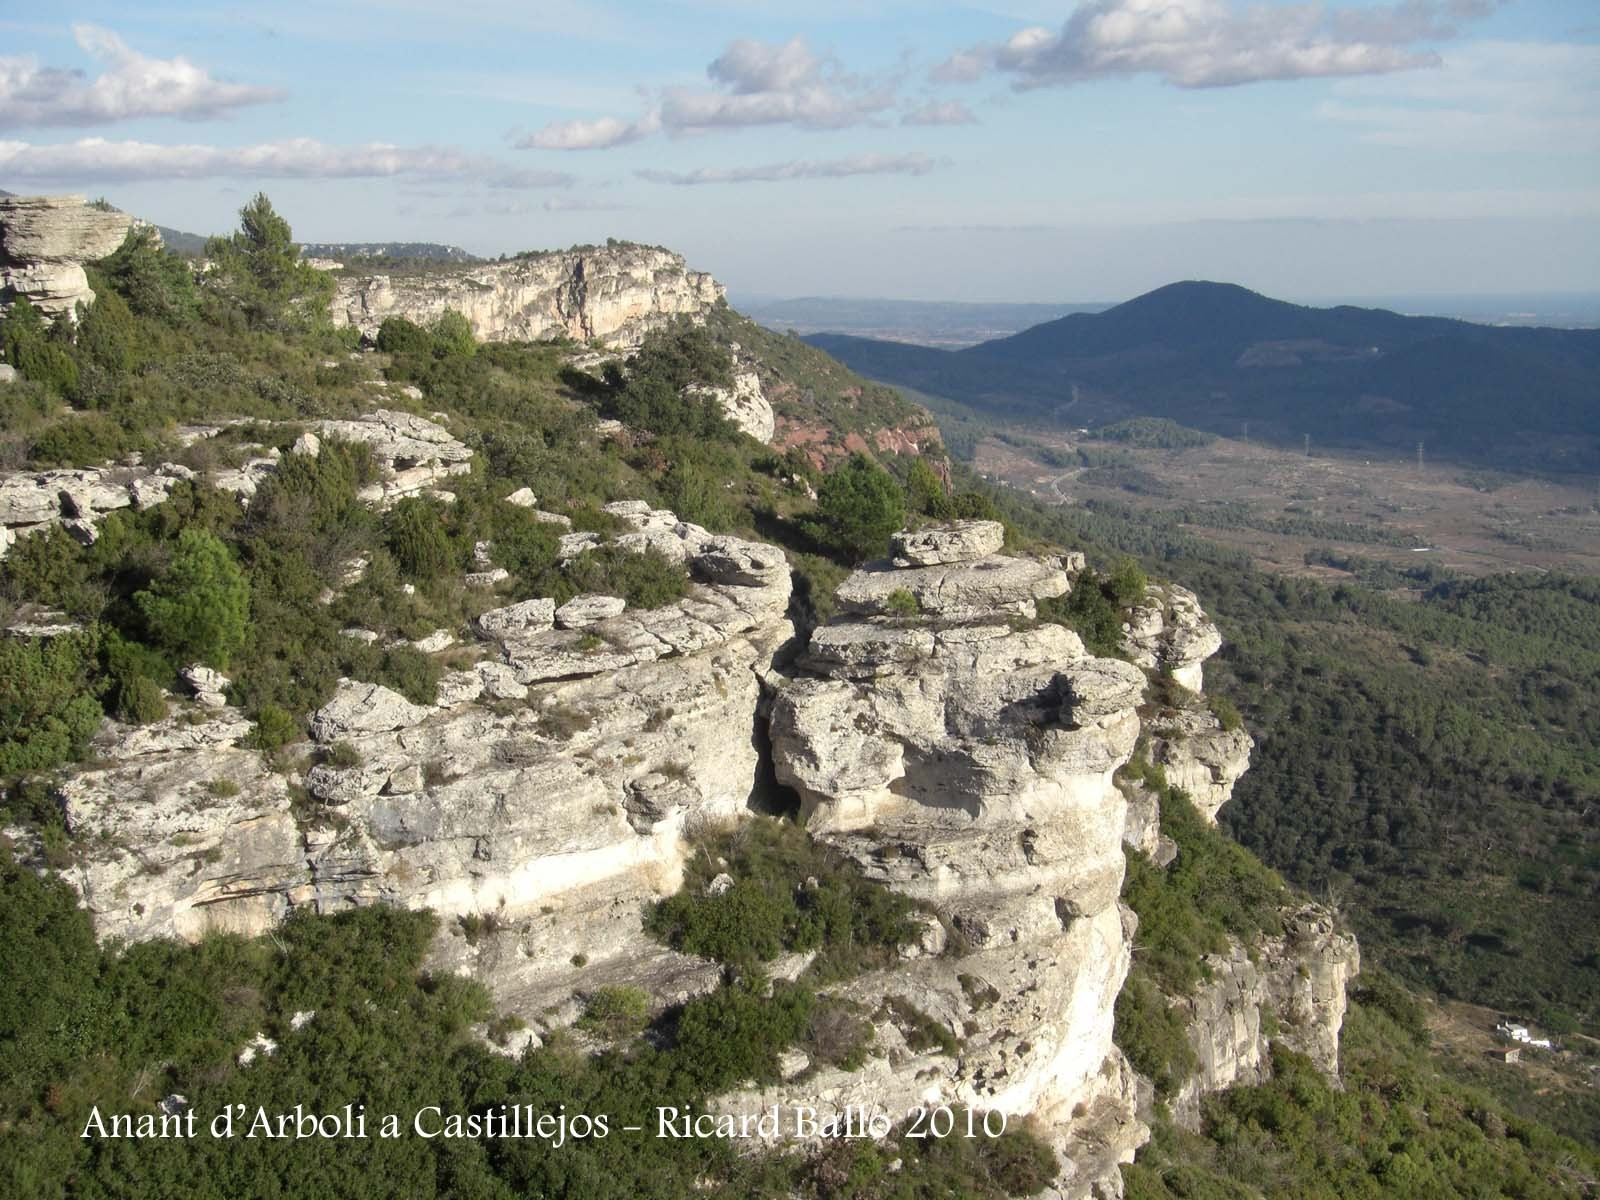 Vistes durant el recorregut des d'Arbolí a Castillejos